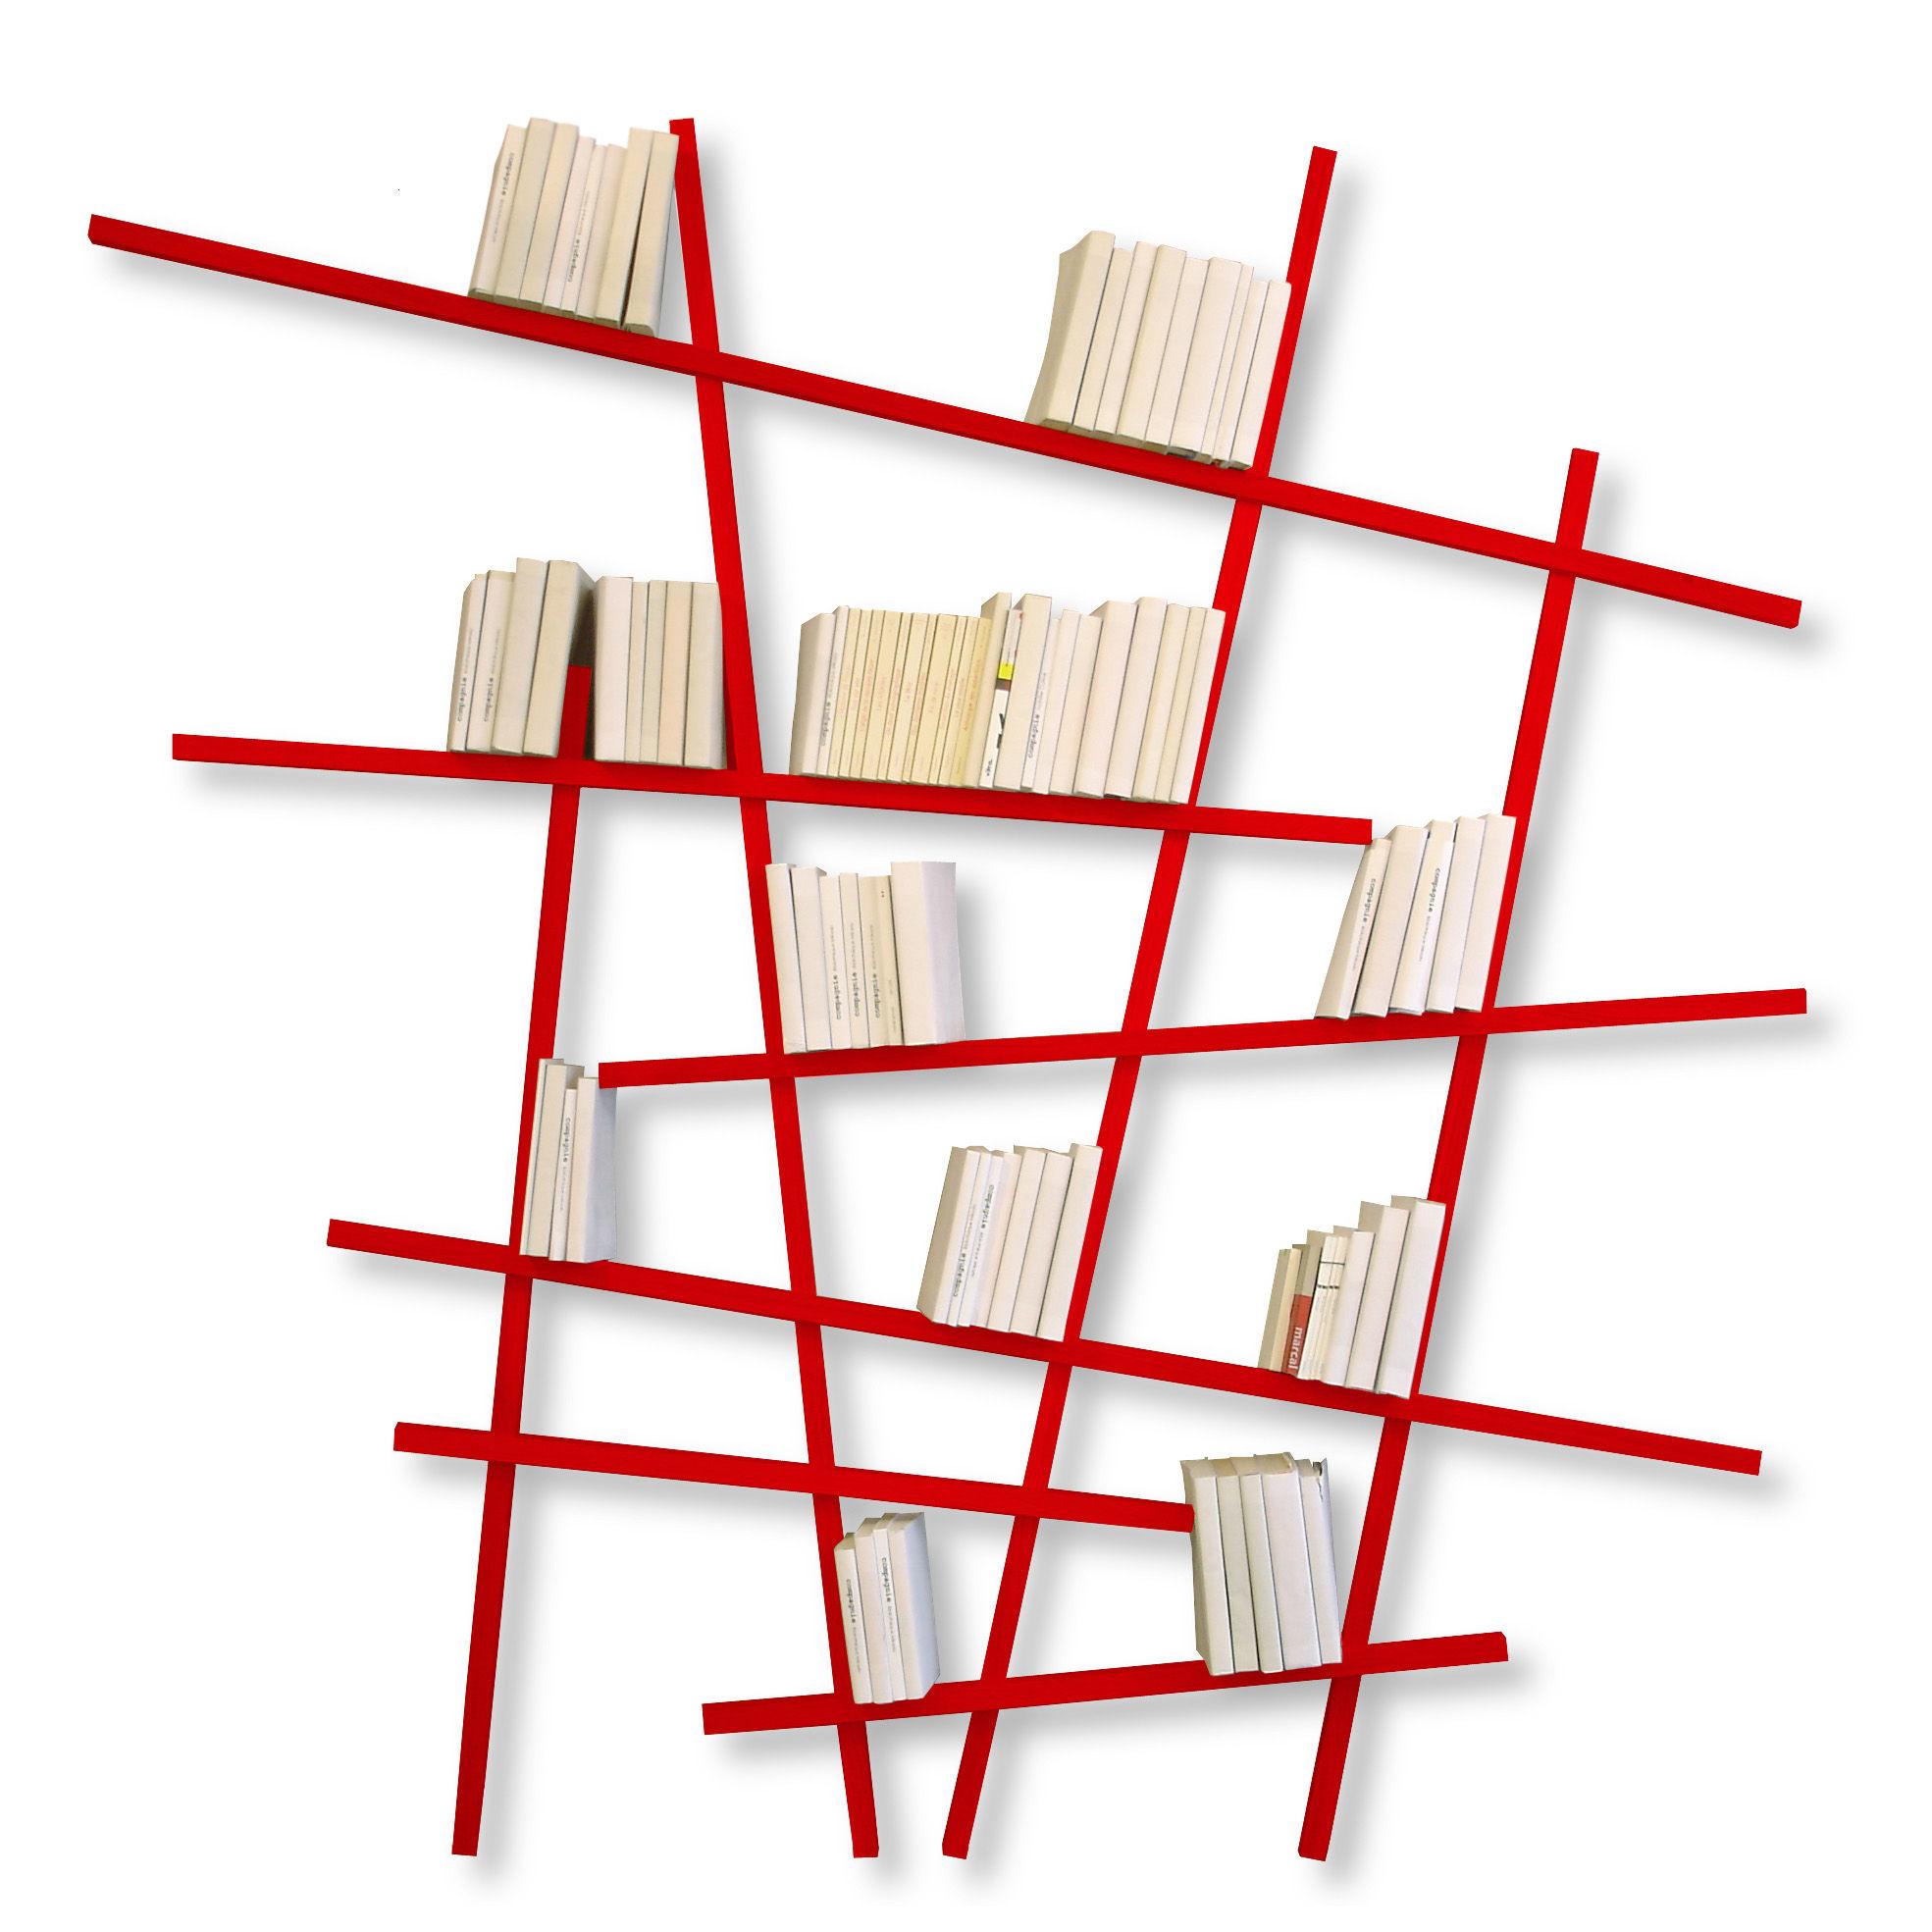 Mobilier - Etagères & bibliothèques - Bibliothèque Mikado Large / L 215 x H 220 cm - Compagnie - Rouge - Hêtre laqué